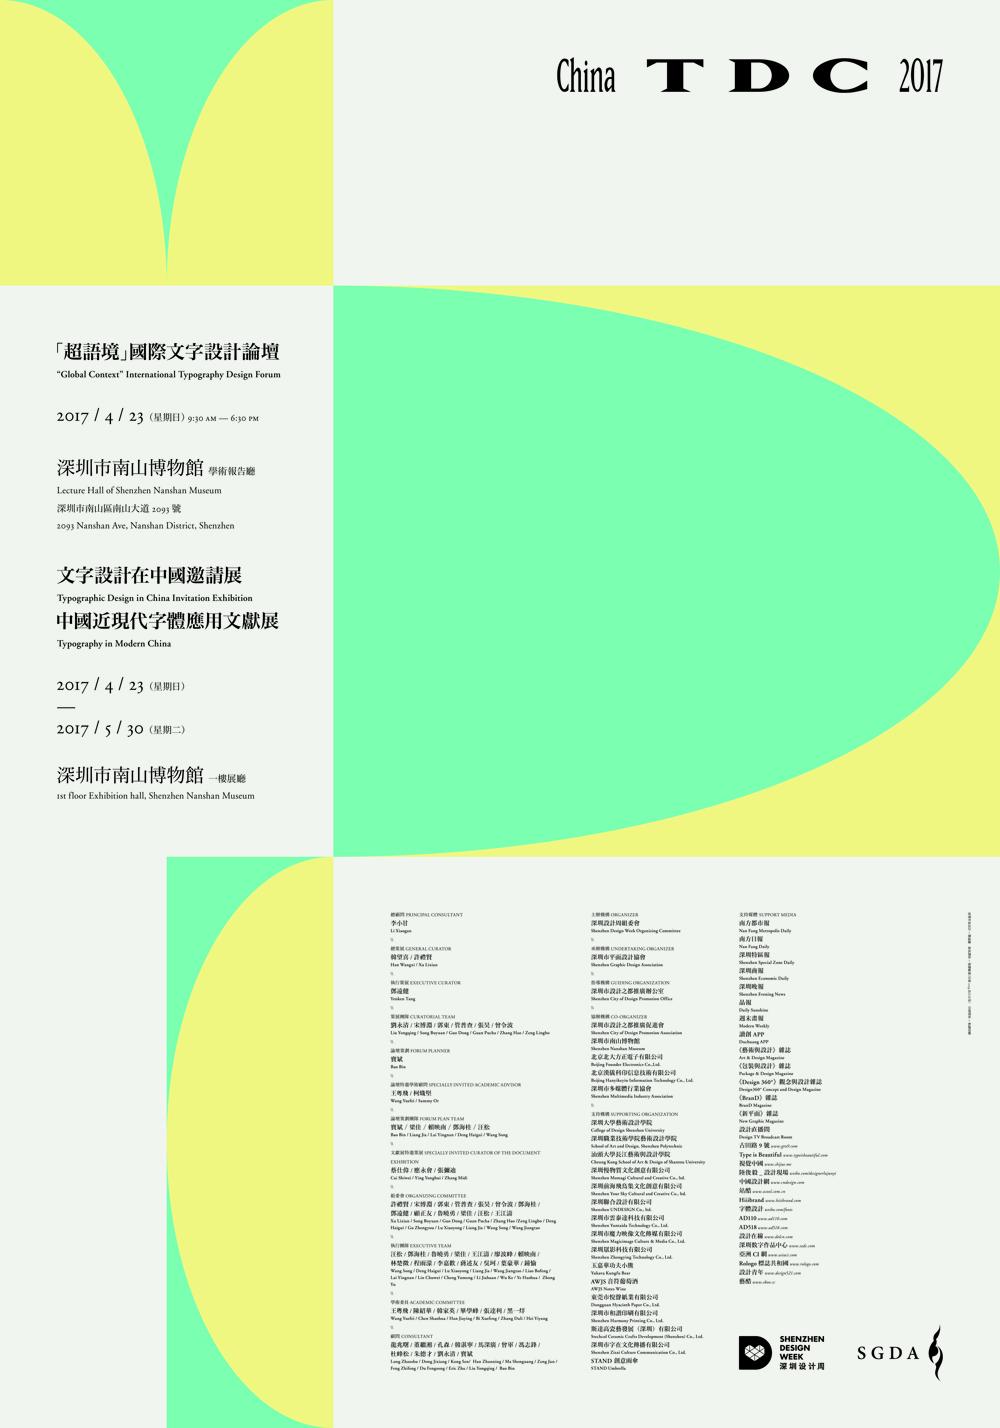 China TDC 2017 003.jpg